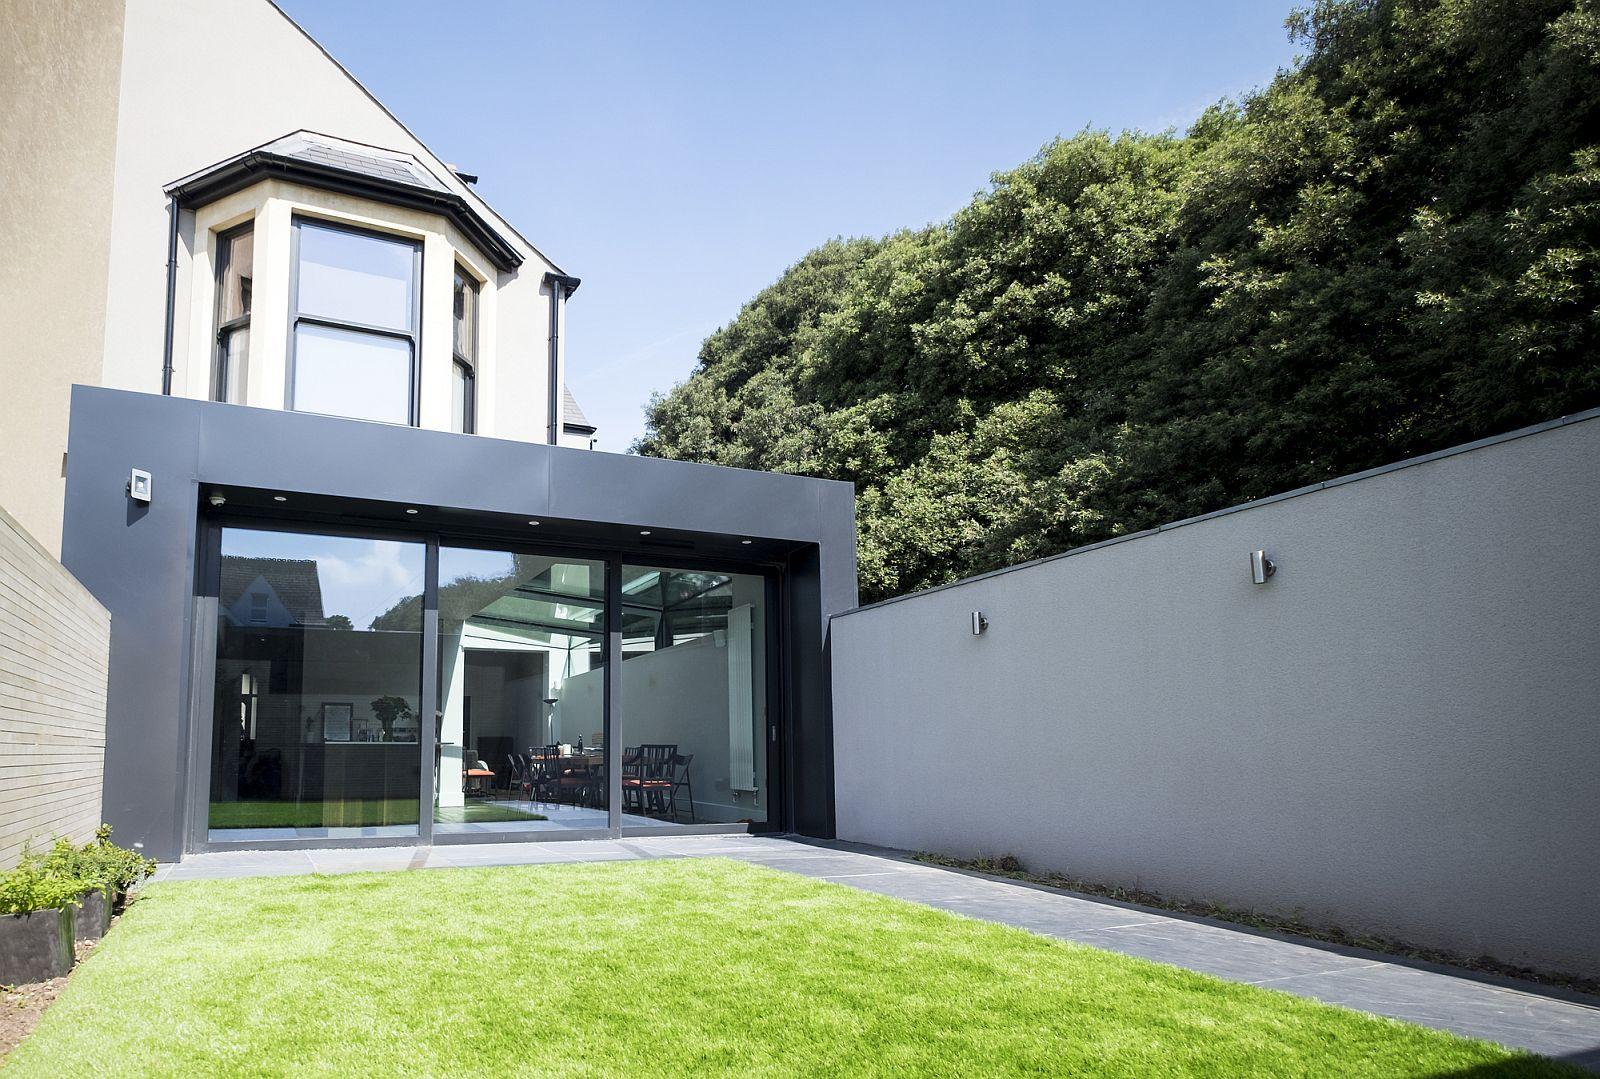 经过改造的室内装饰同时具有一个独特的9米长的玻璃屋顶